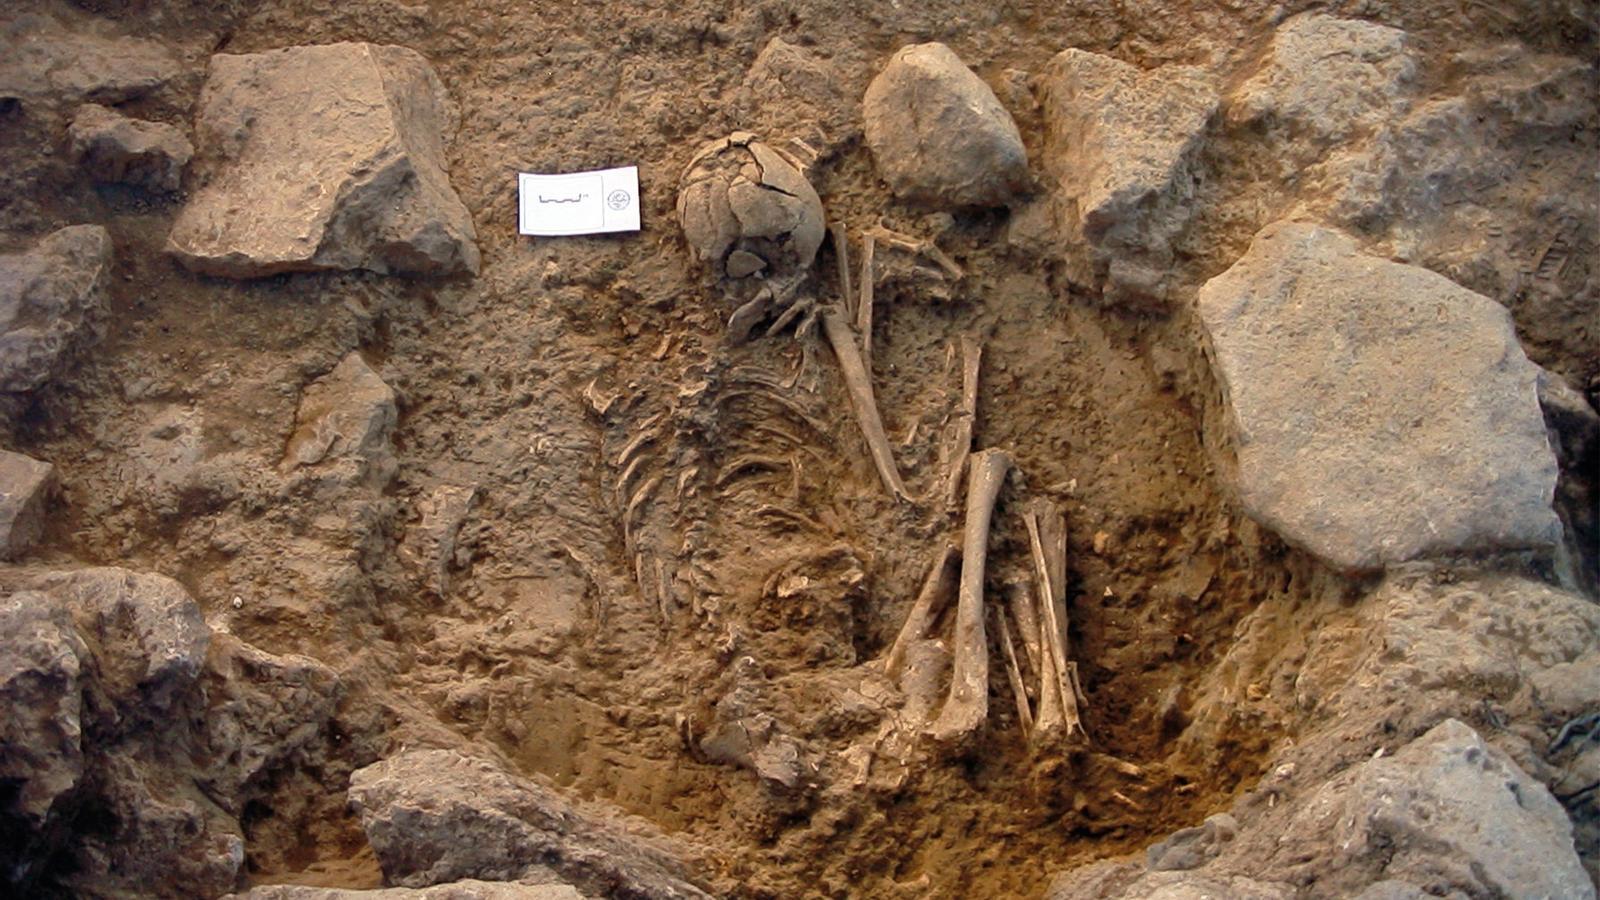 Inhumació individual de l'Edat del Bronze localitzada a la Lloma de Betxí (Paterna, València)